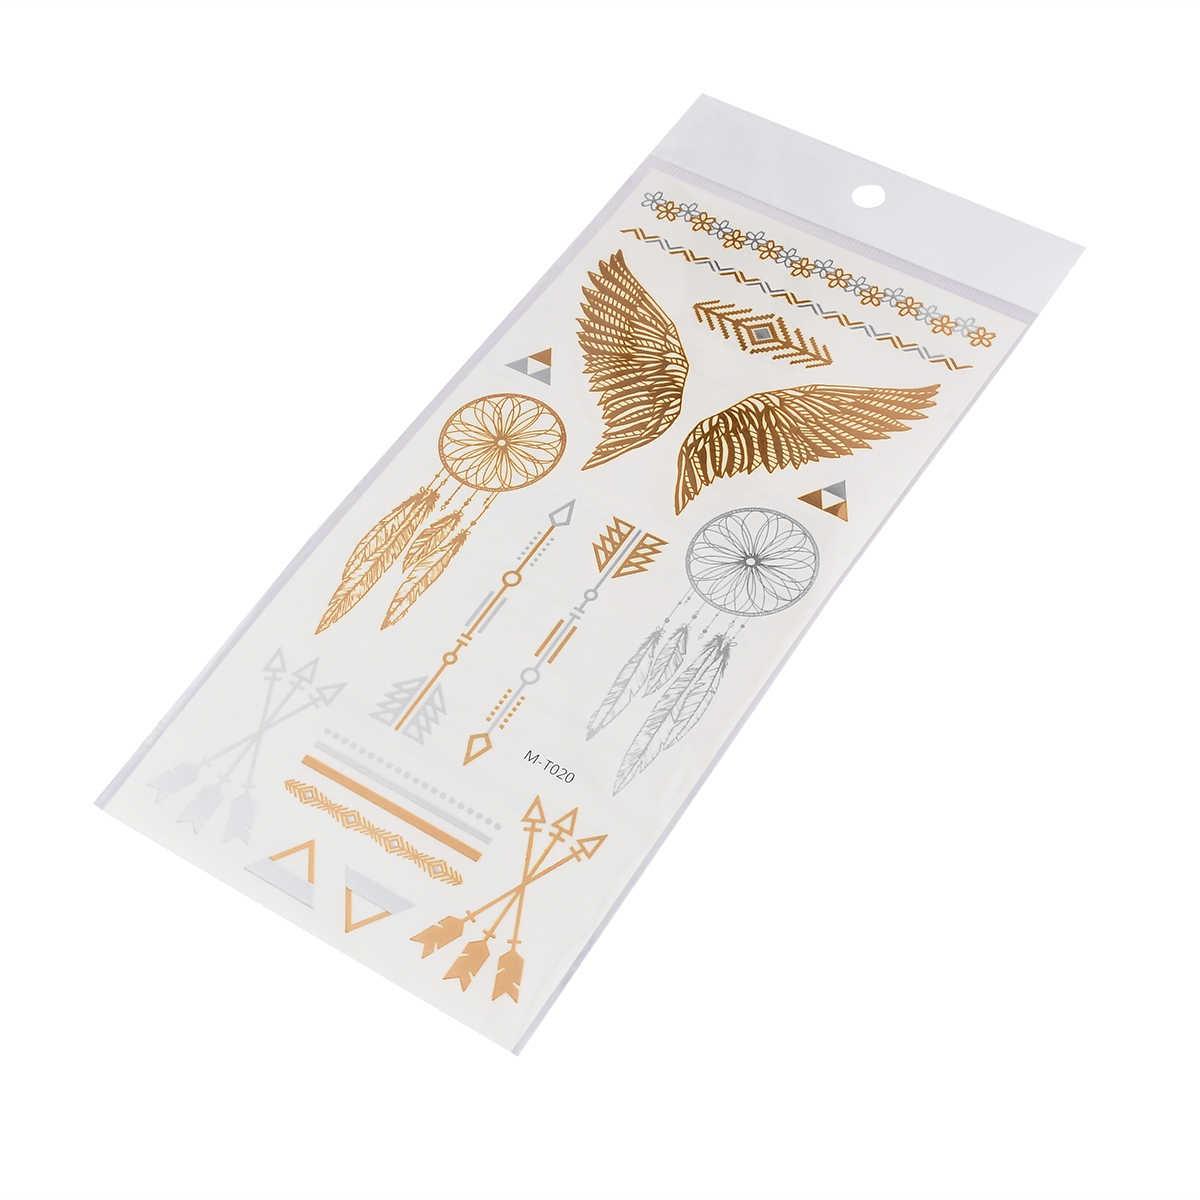 20*10cm geçici dövme etiket sahte dövme altın su geçirmez mısır tarzı çizgili kanatları görüntü geçici dövme kız için kadın